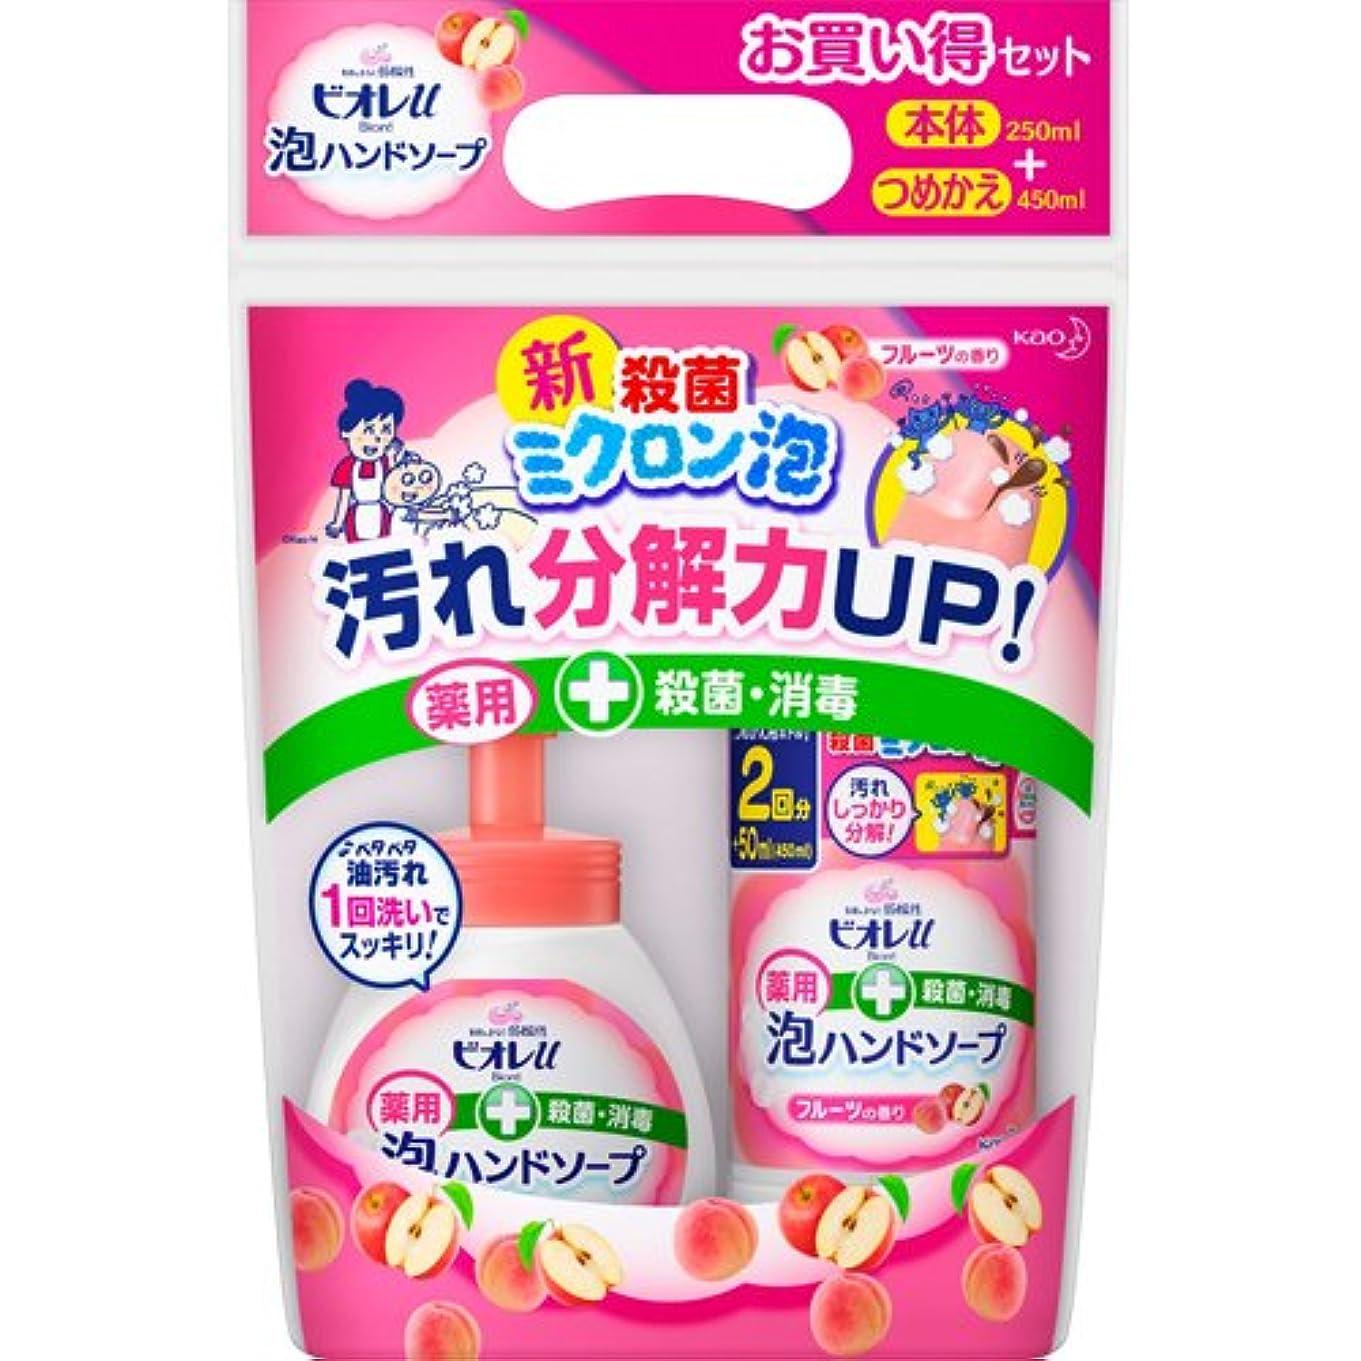 保護するおいしいキャッチ【数量限定】ビオレu 薬用泡ハンドソープ フルーツの香り 本体250ml+つめかえ用450ml